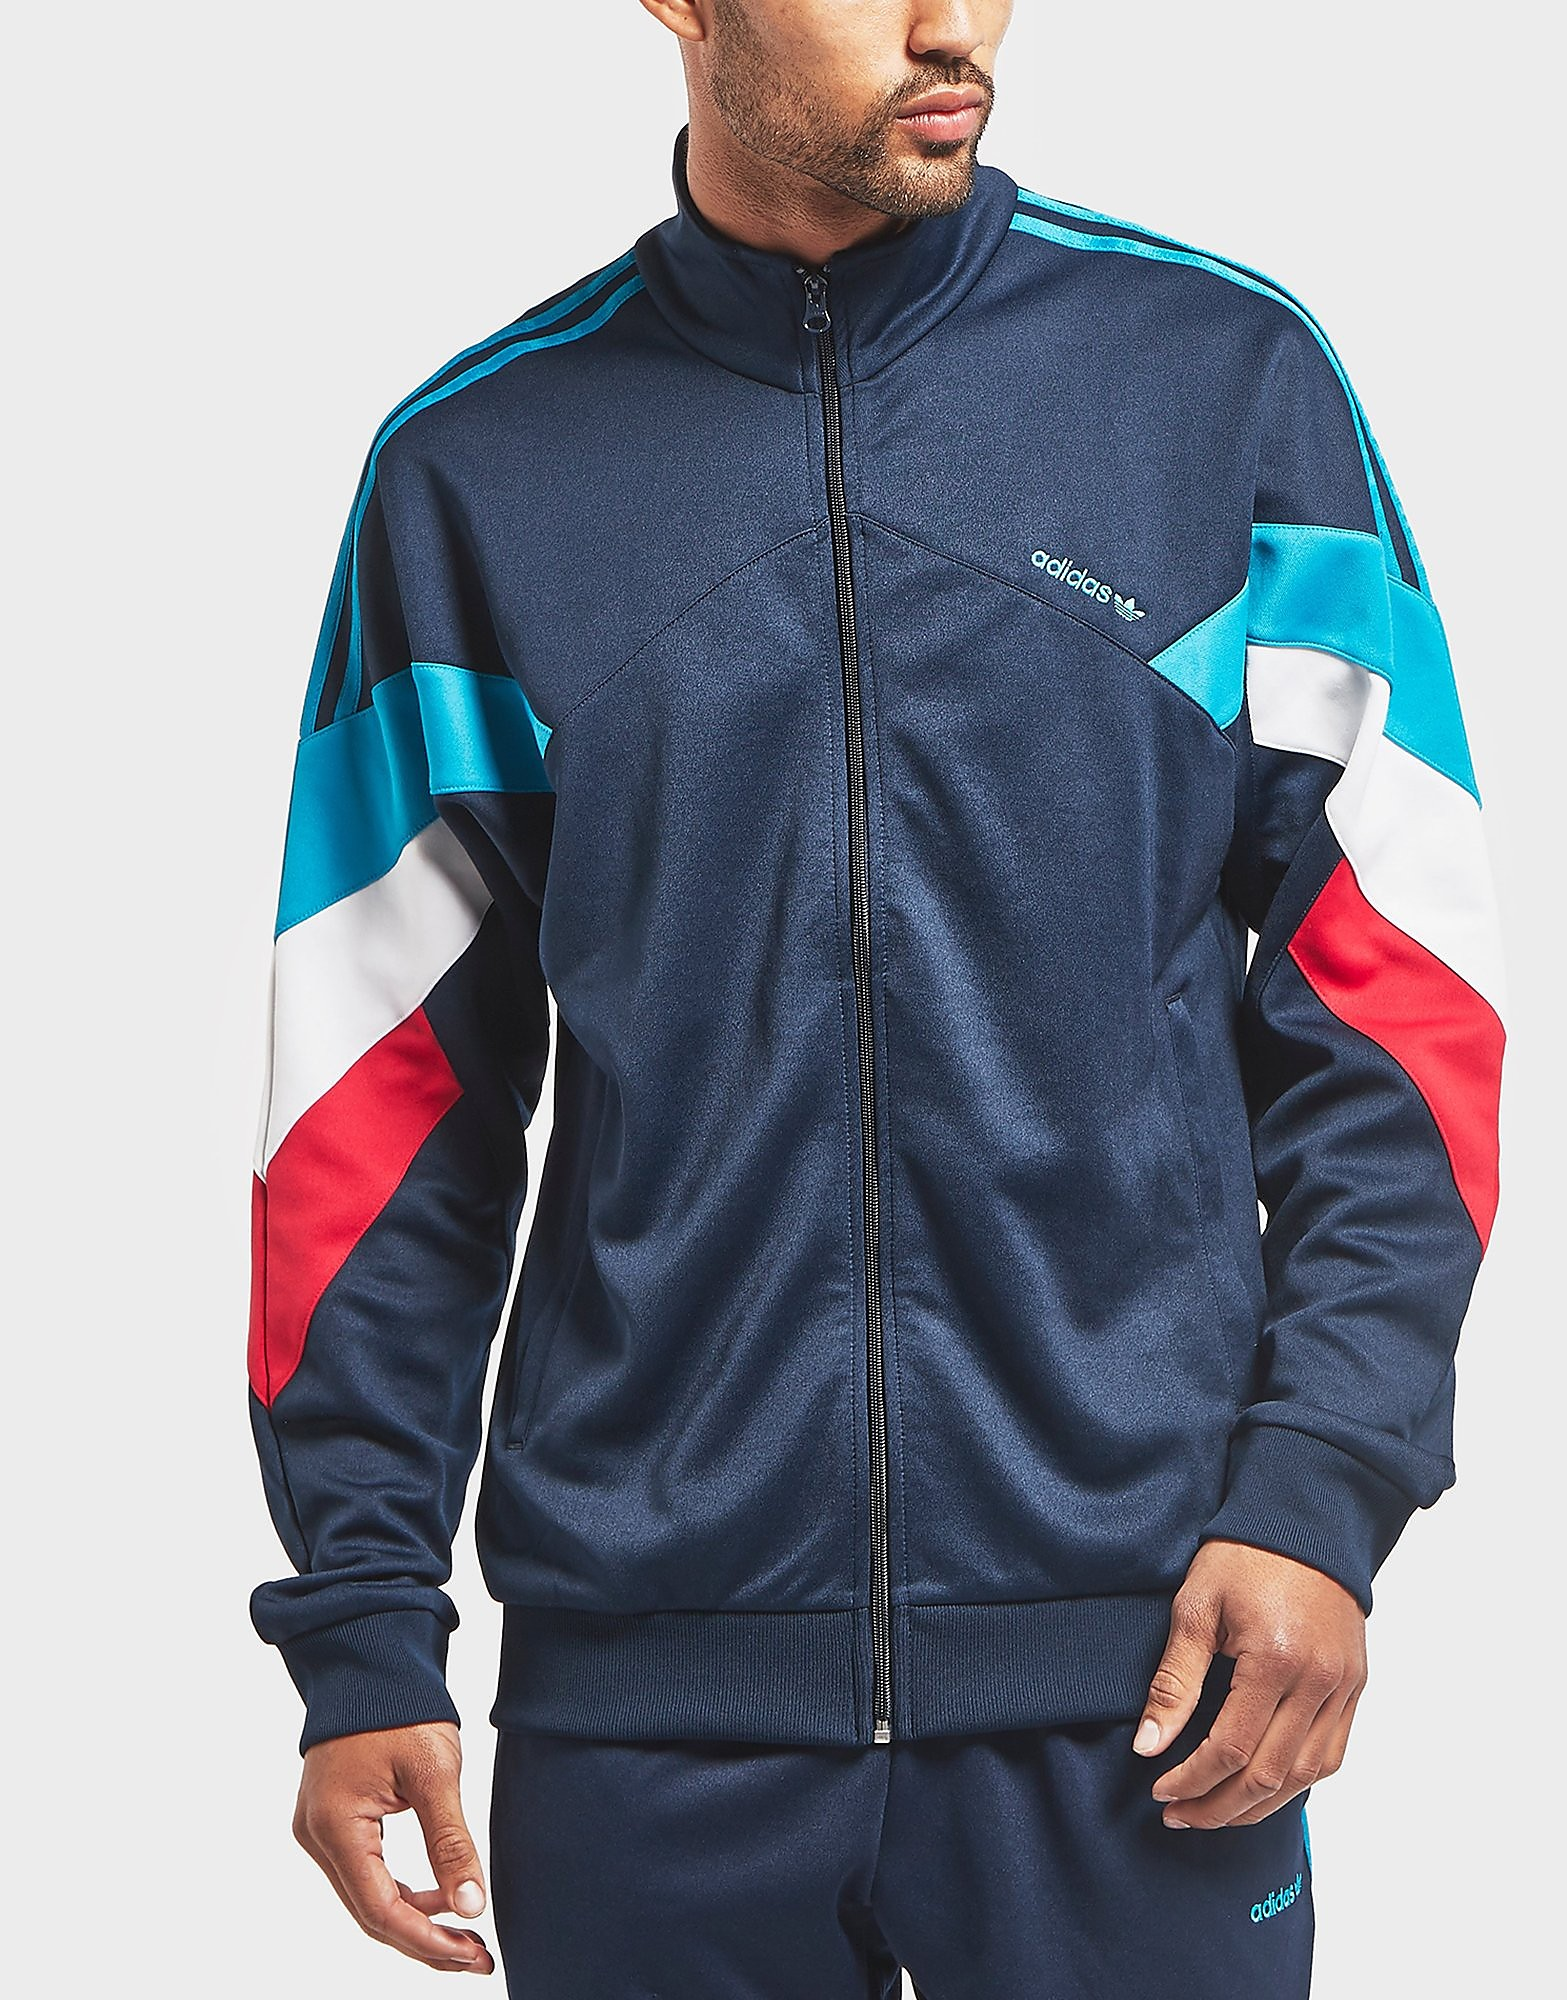 Adidas Originals Tracksuits Men S Track Tops Scotts Menswear